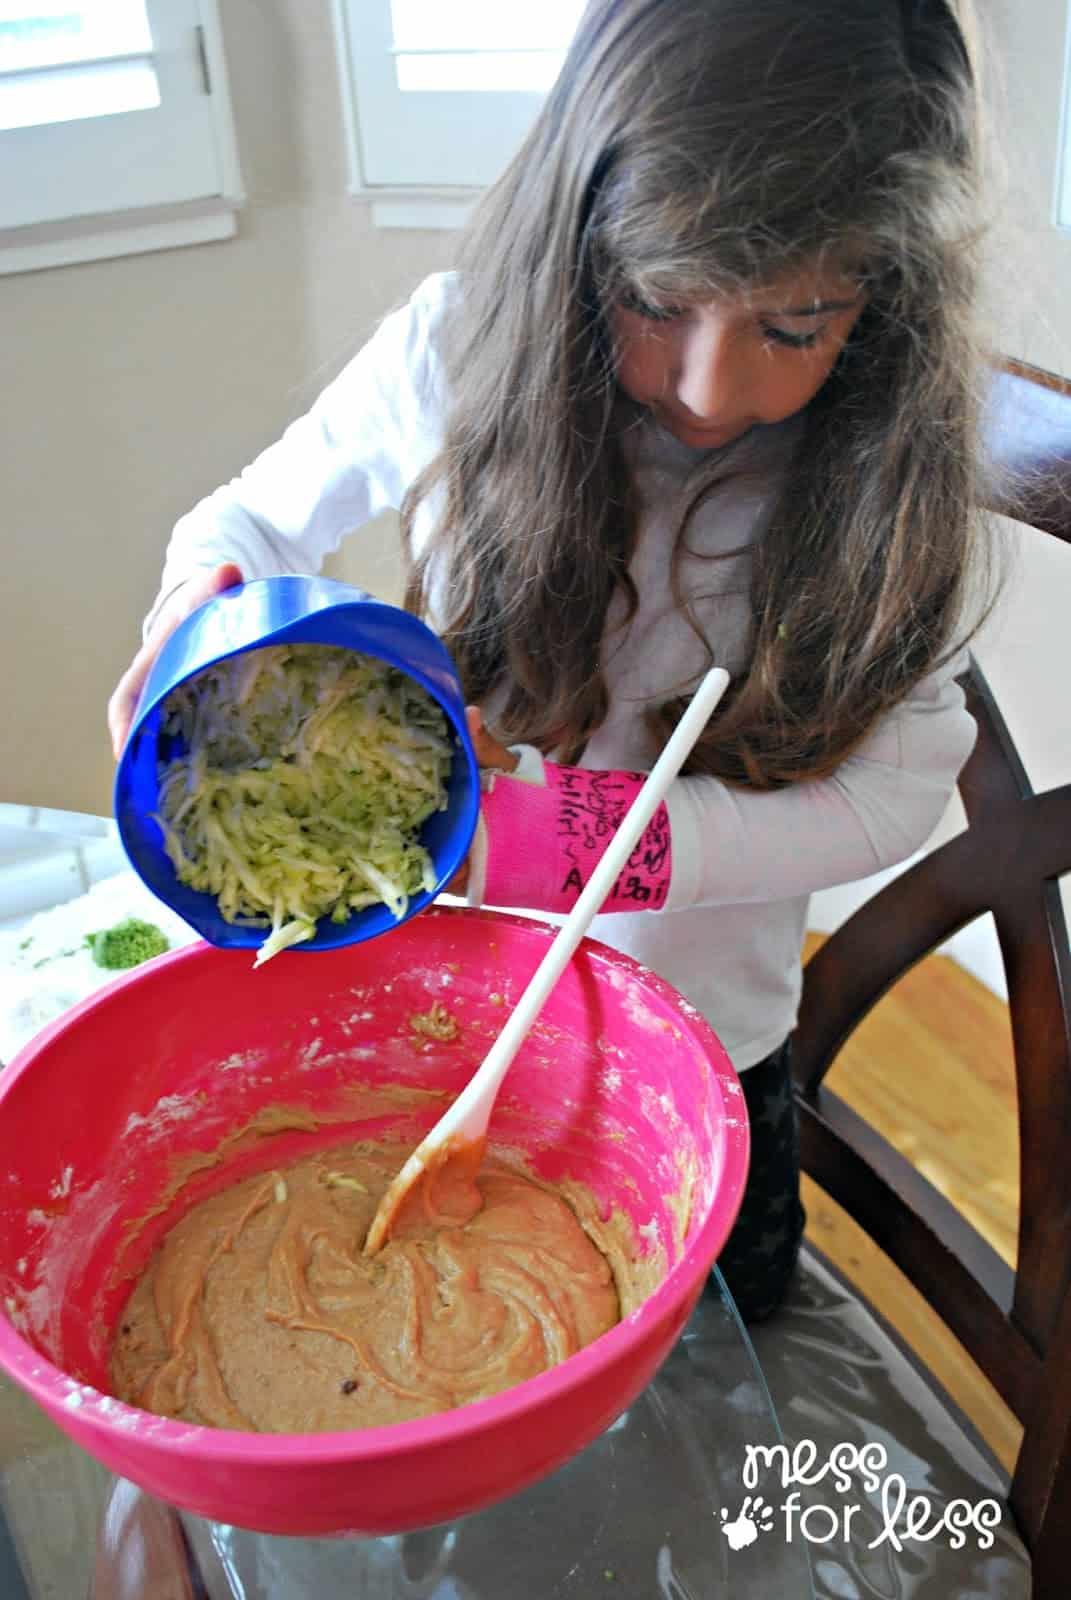 child helping to make a zucchini bread recipe